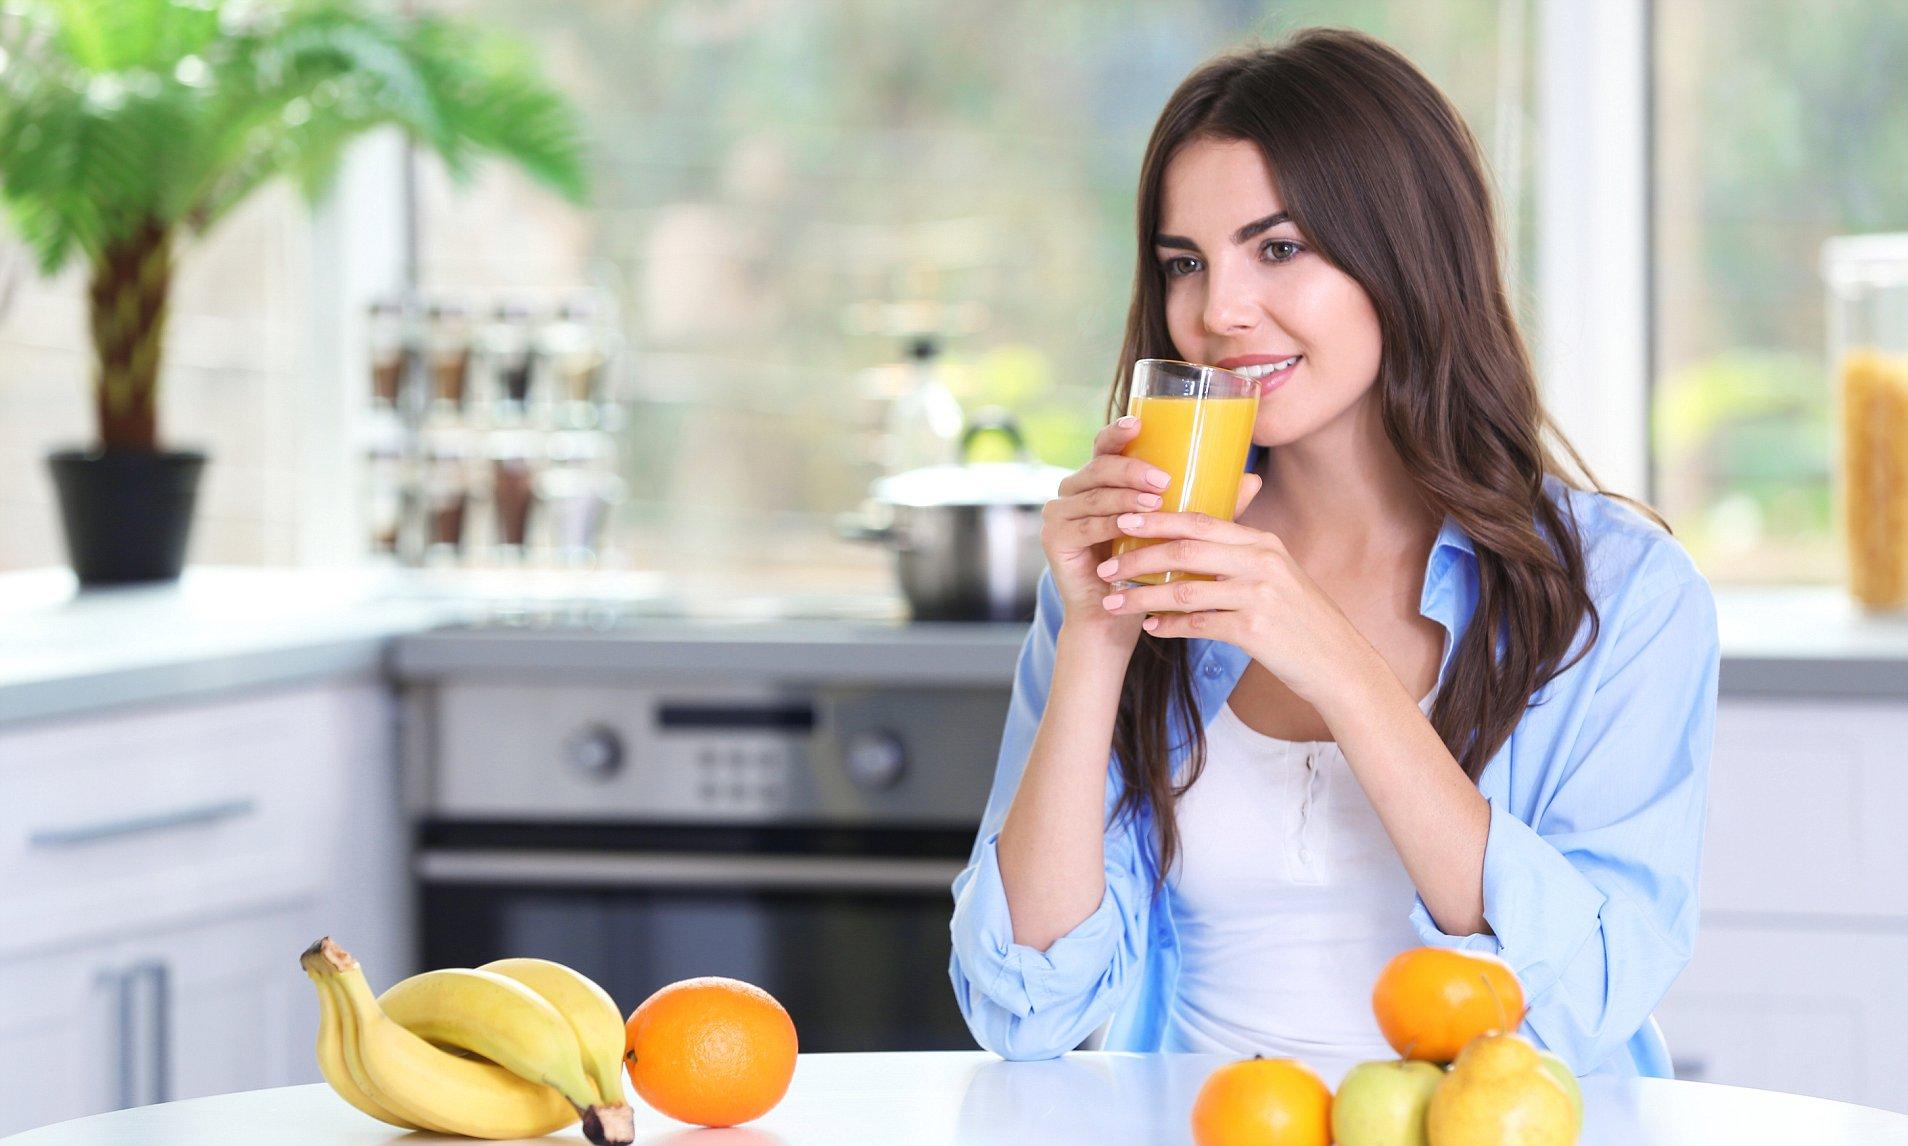 Trái cây nguyên miếng giàu chất xơ và dinh dưỡng hơn nước ép trái cây.